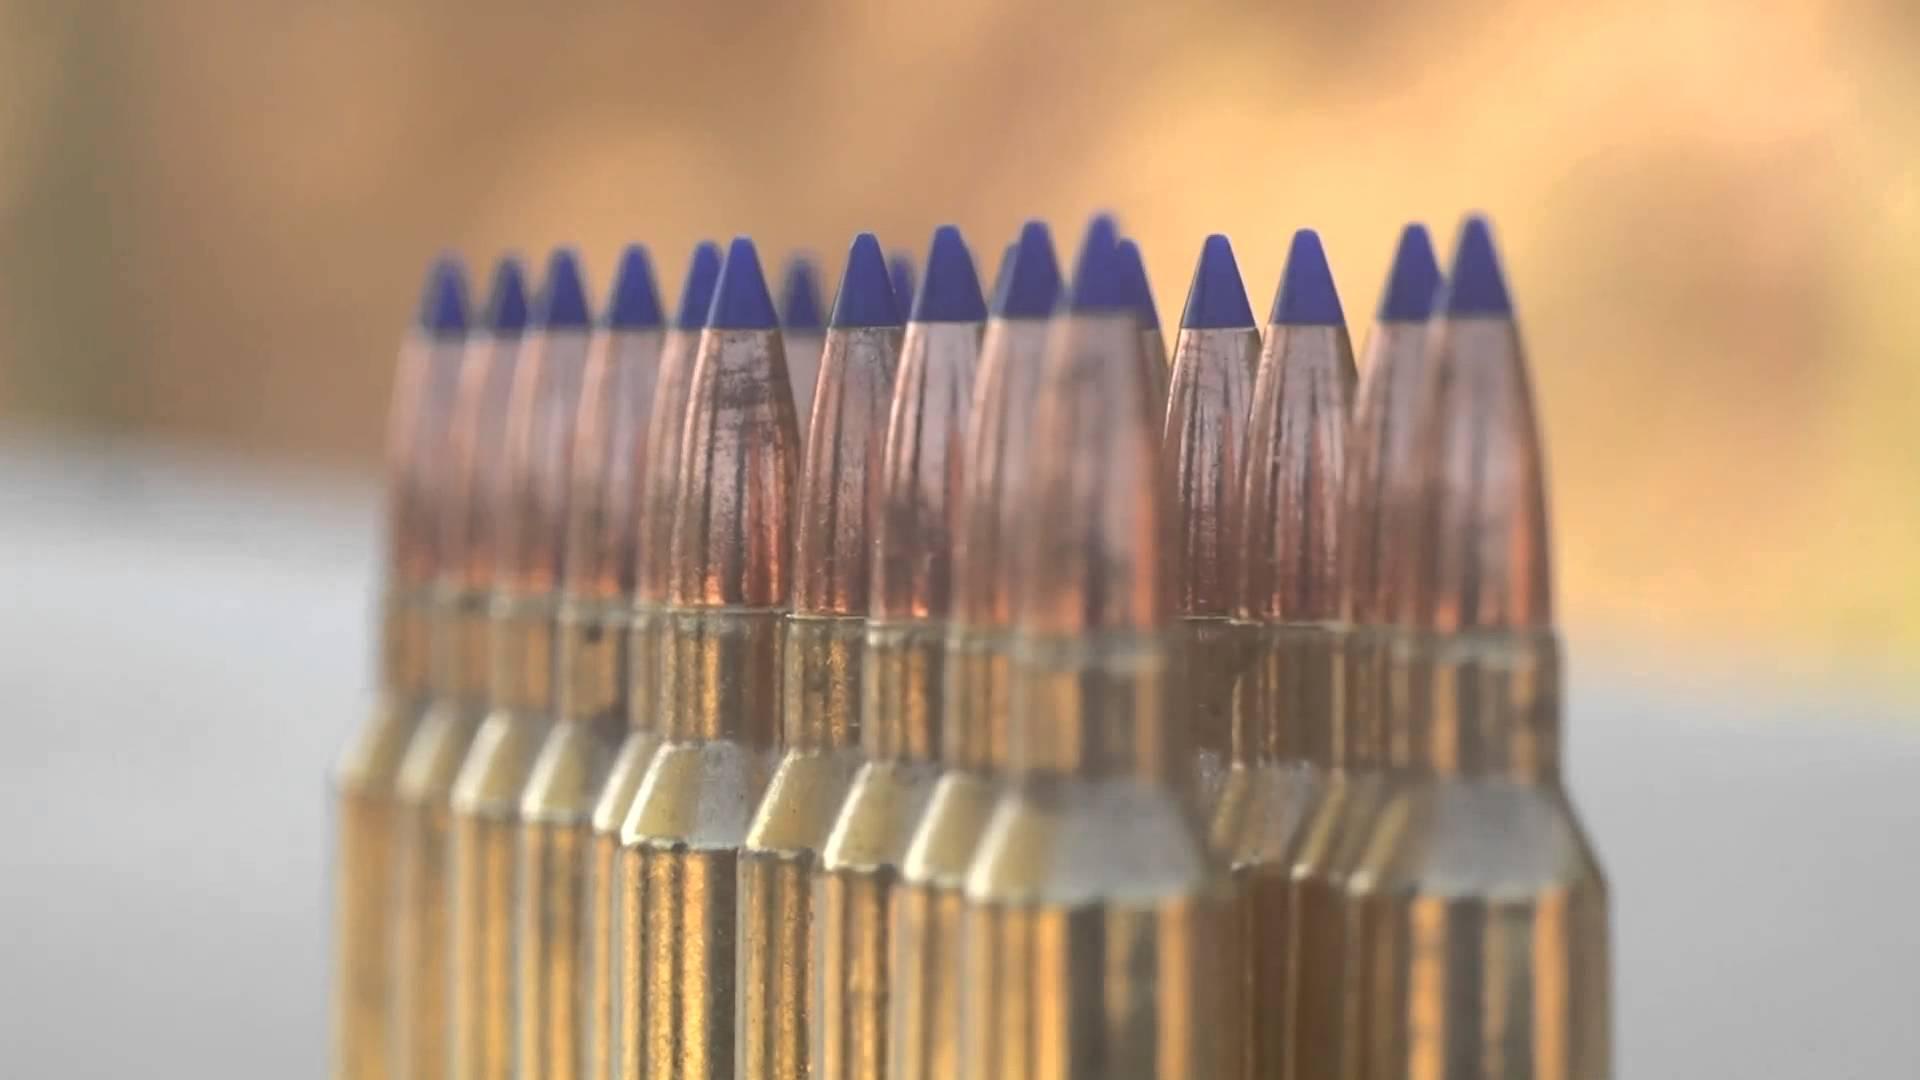 7mm Remington Magnum